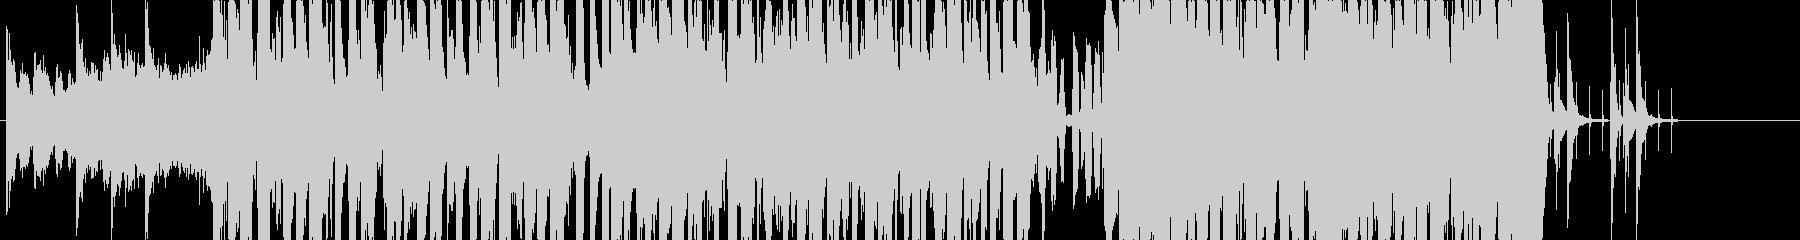 和風でモダンなテクノ・クラブ楽曲の未再生の波形